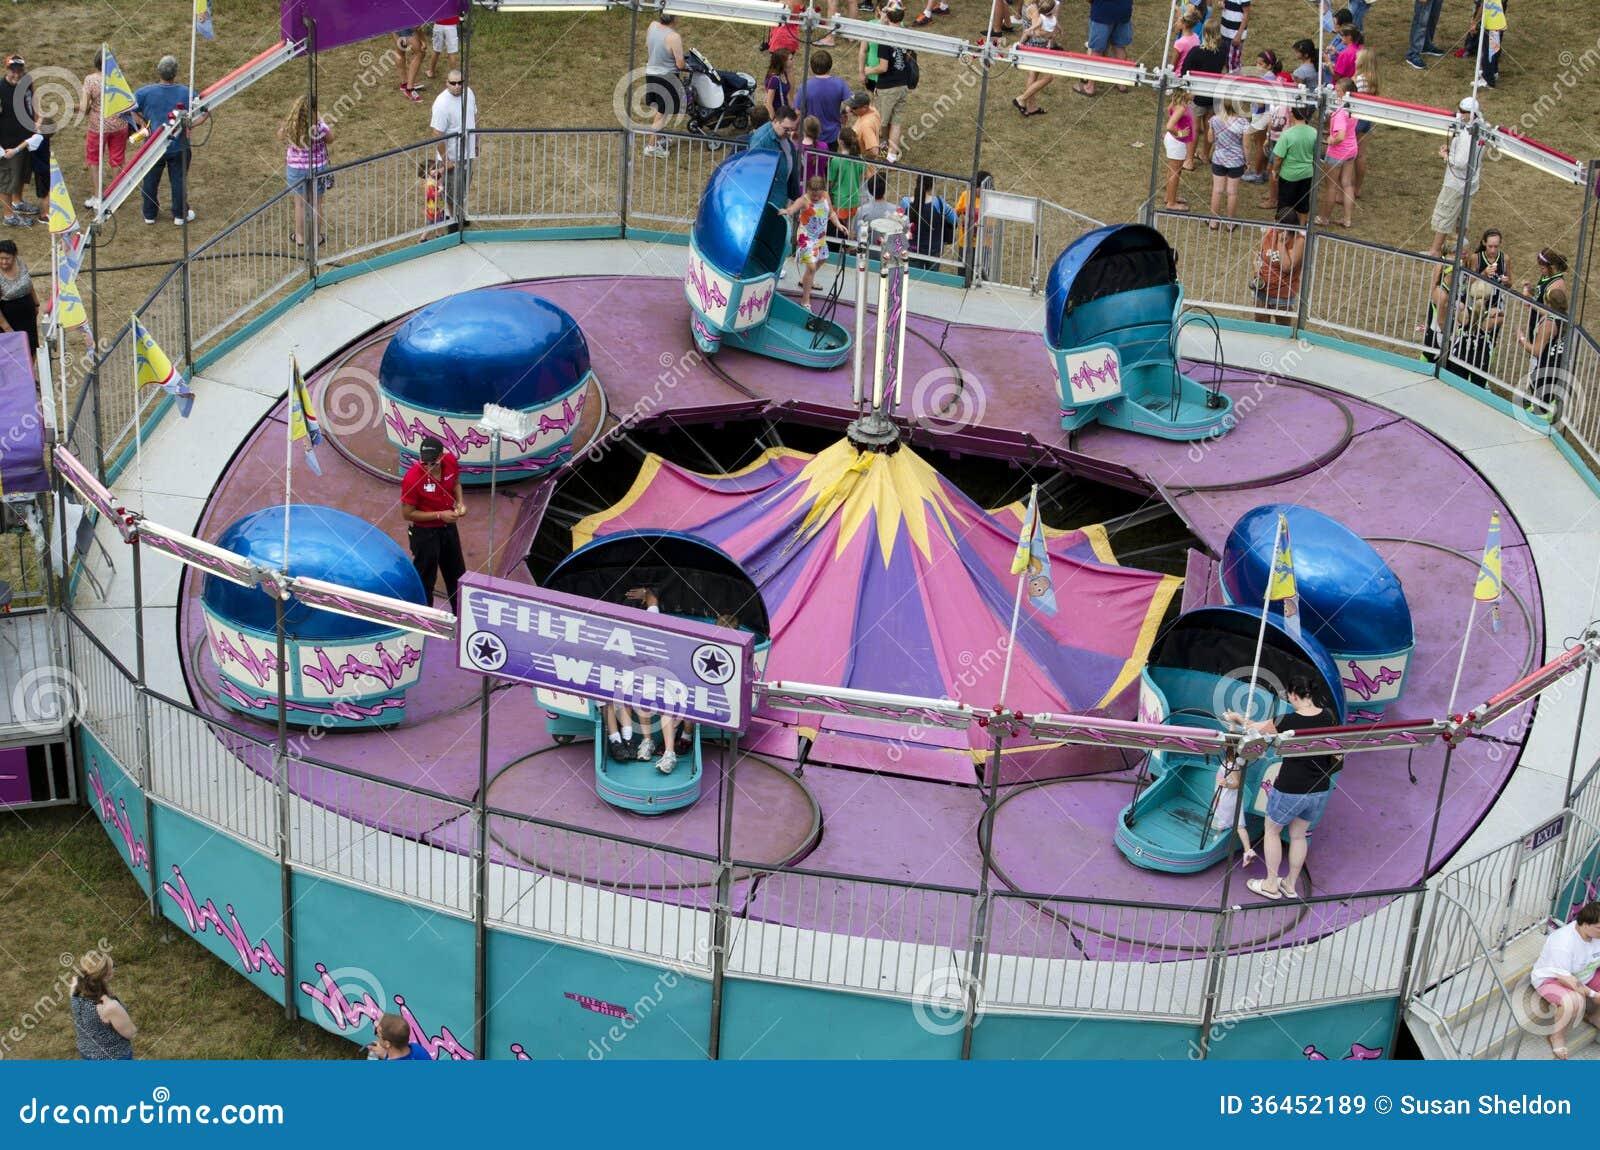 Tilt a whirl ride